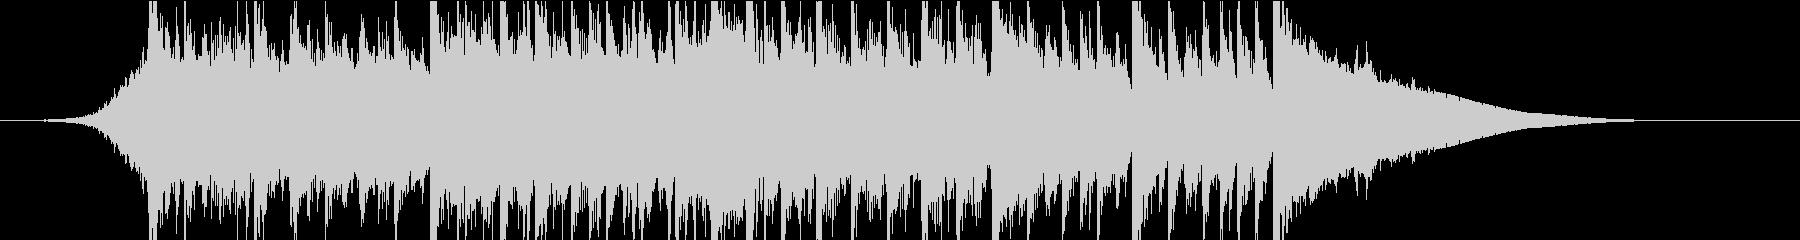 ラジオに最適なジングルの未再生の波形